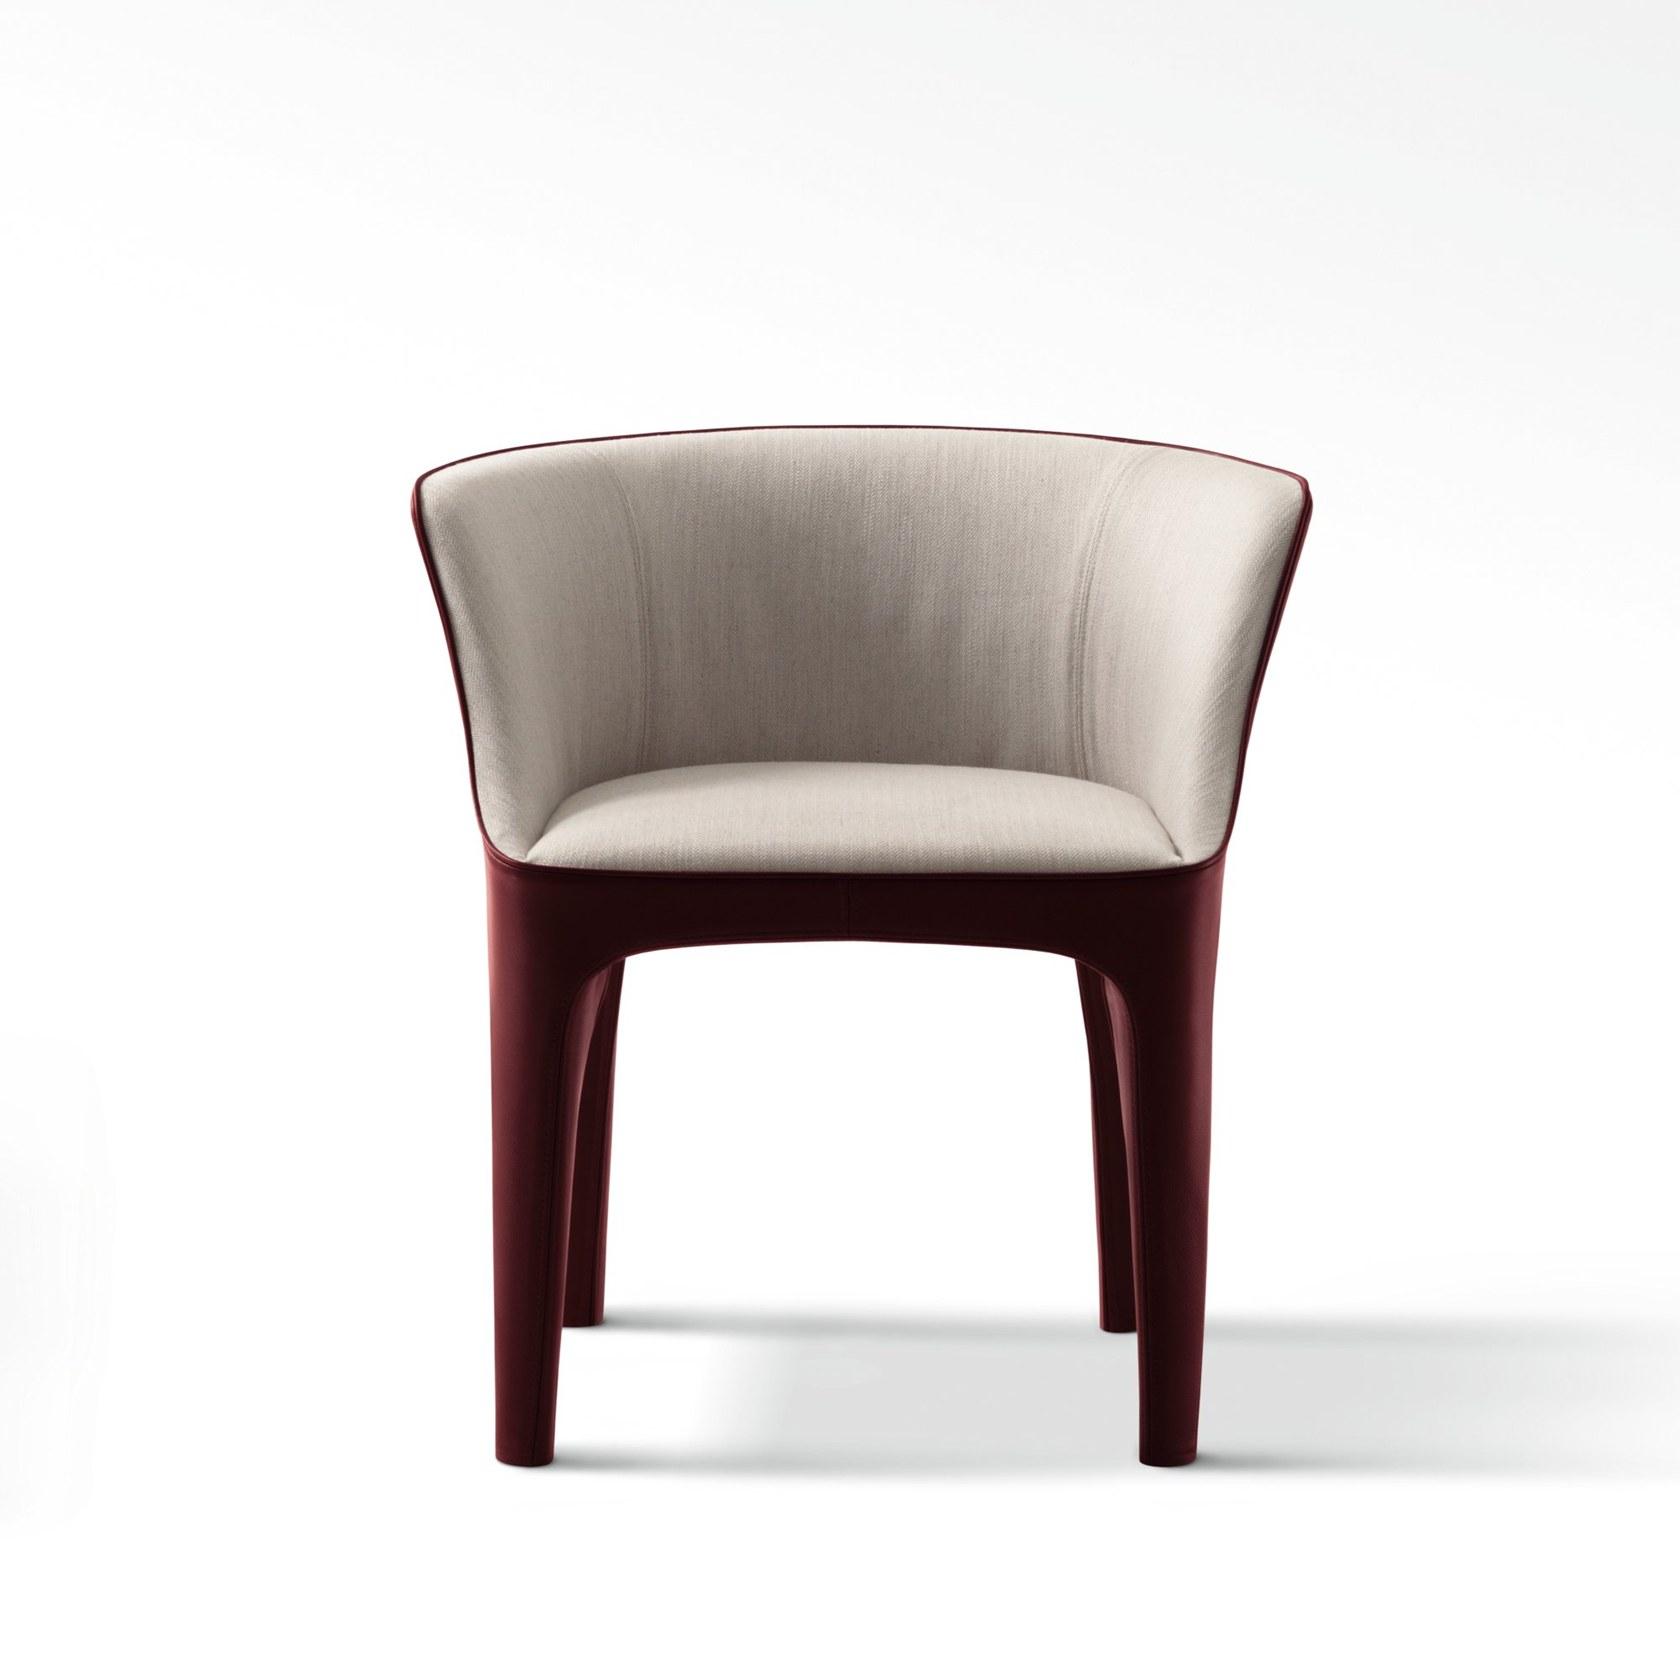 戴安娜餐椅现代简约设计玻璃钢布艺皮革休闲椅客厅餐厅酒店样板房